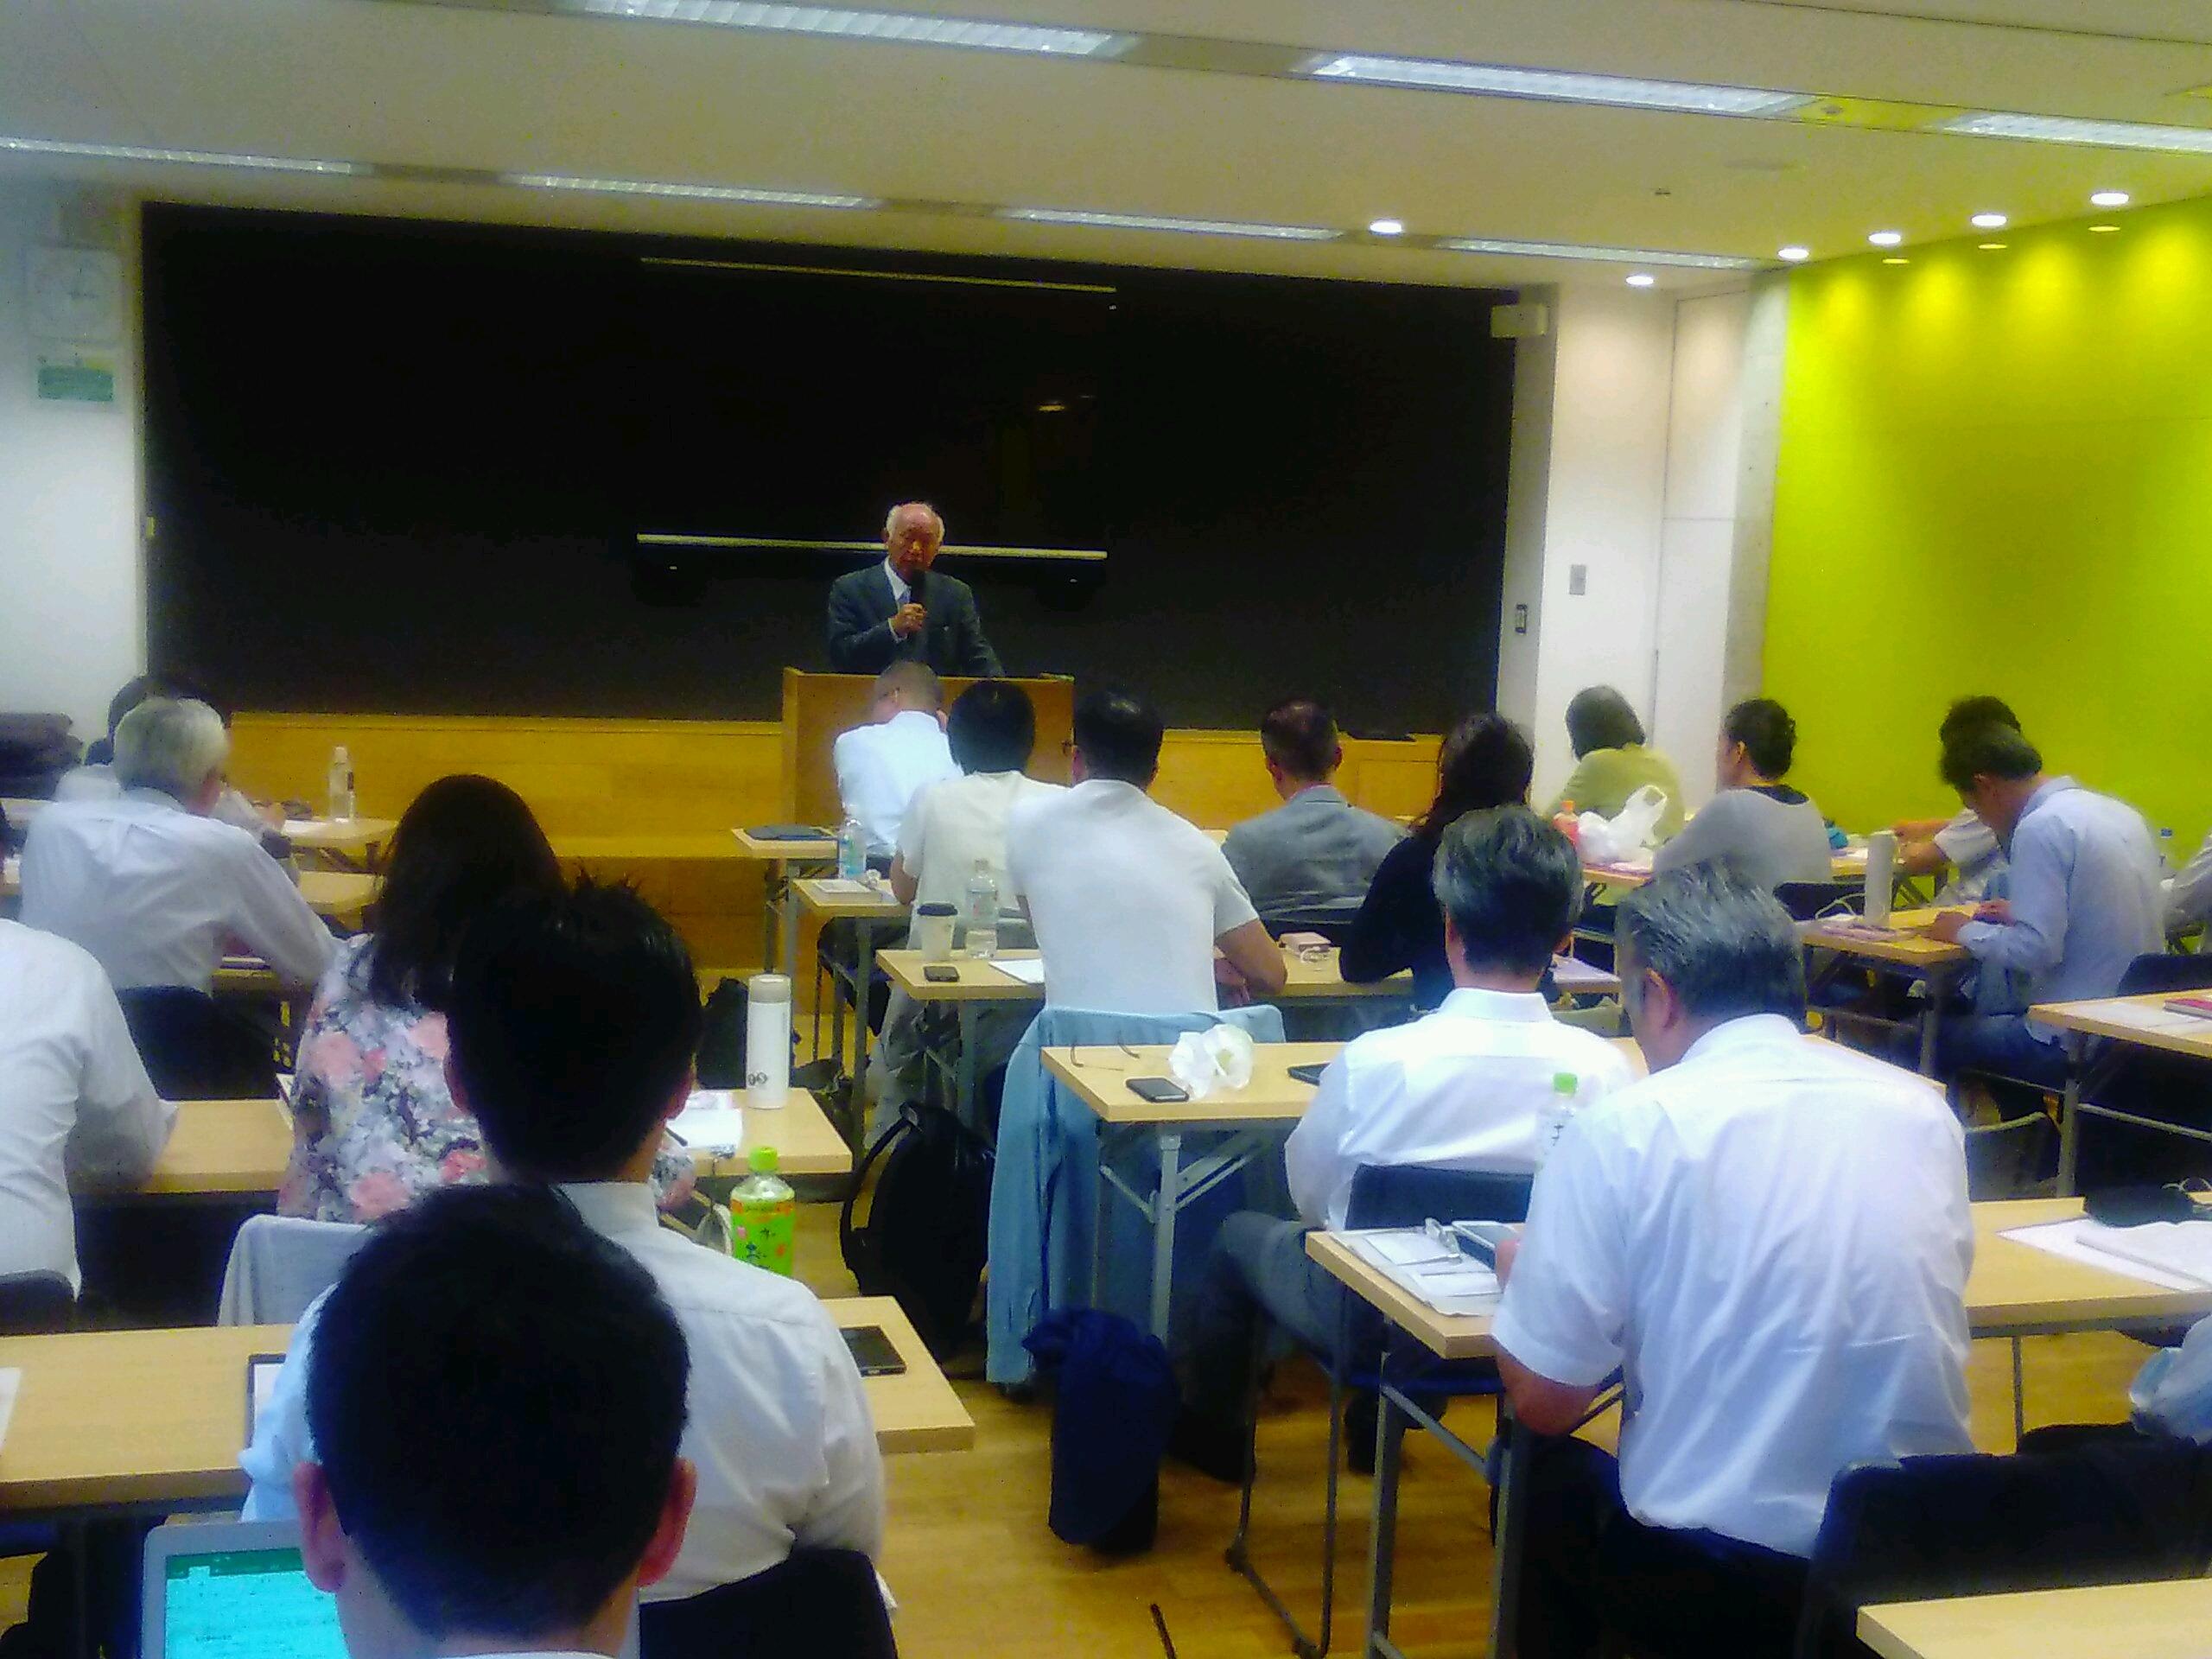 20181006150307 - 2018年10月6日(土)第5回東京思風塾開催しました。